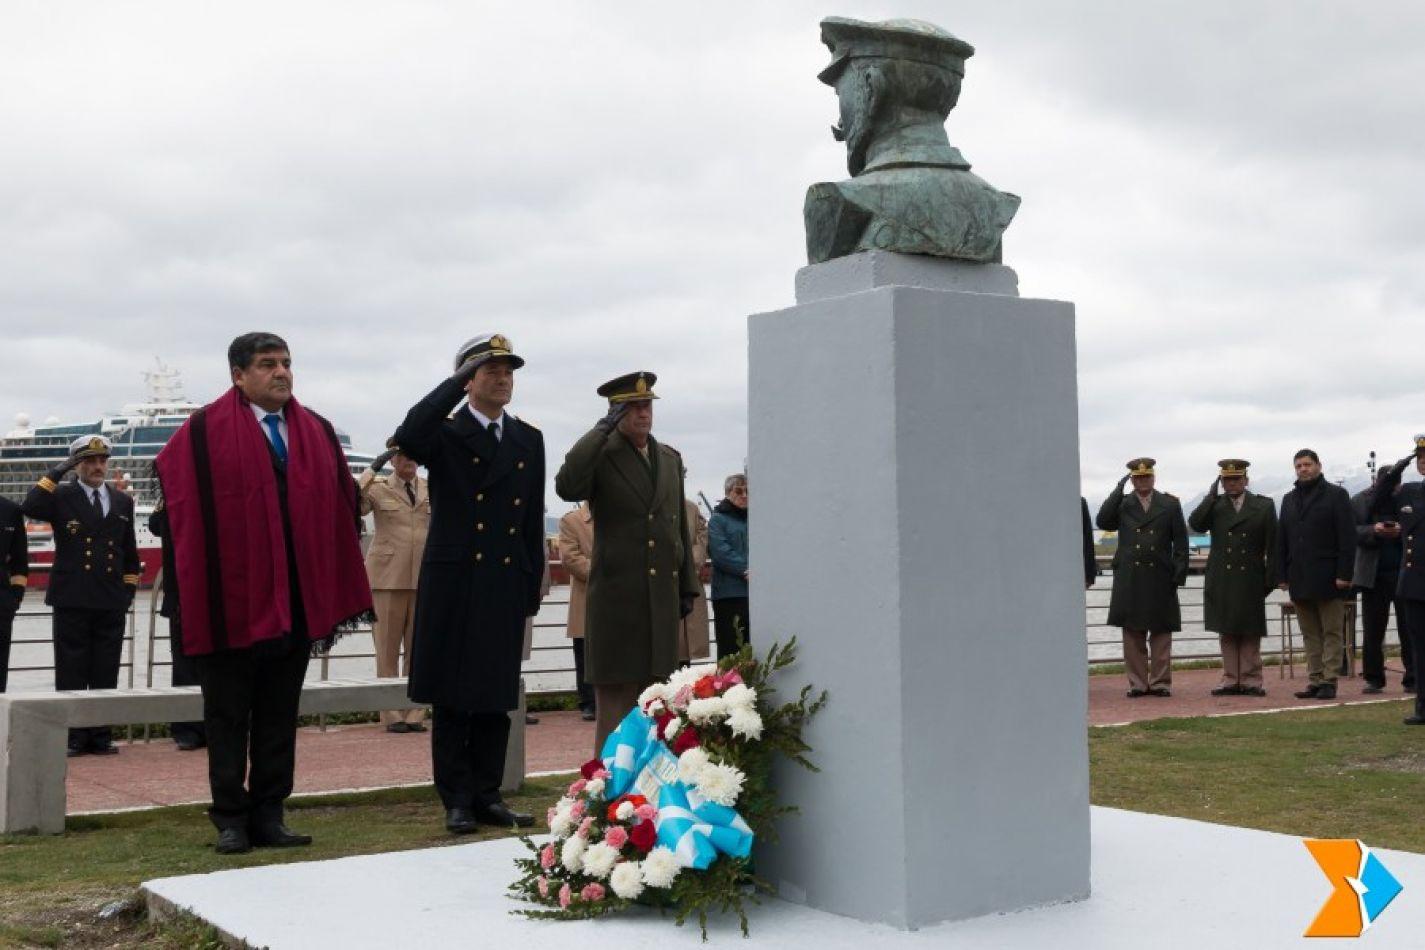 83º aniversario de la muerte del almirante Julián Irízar, en un acto que se concretó en el paseo de los Pioneros Antárticos en Ushuaia.